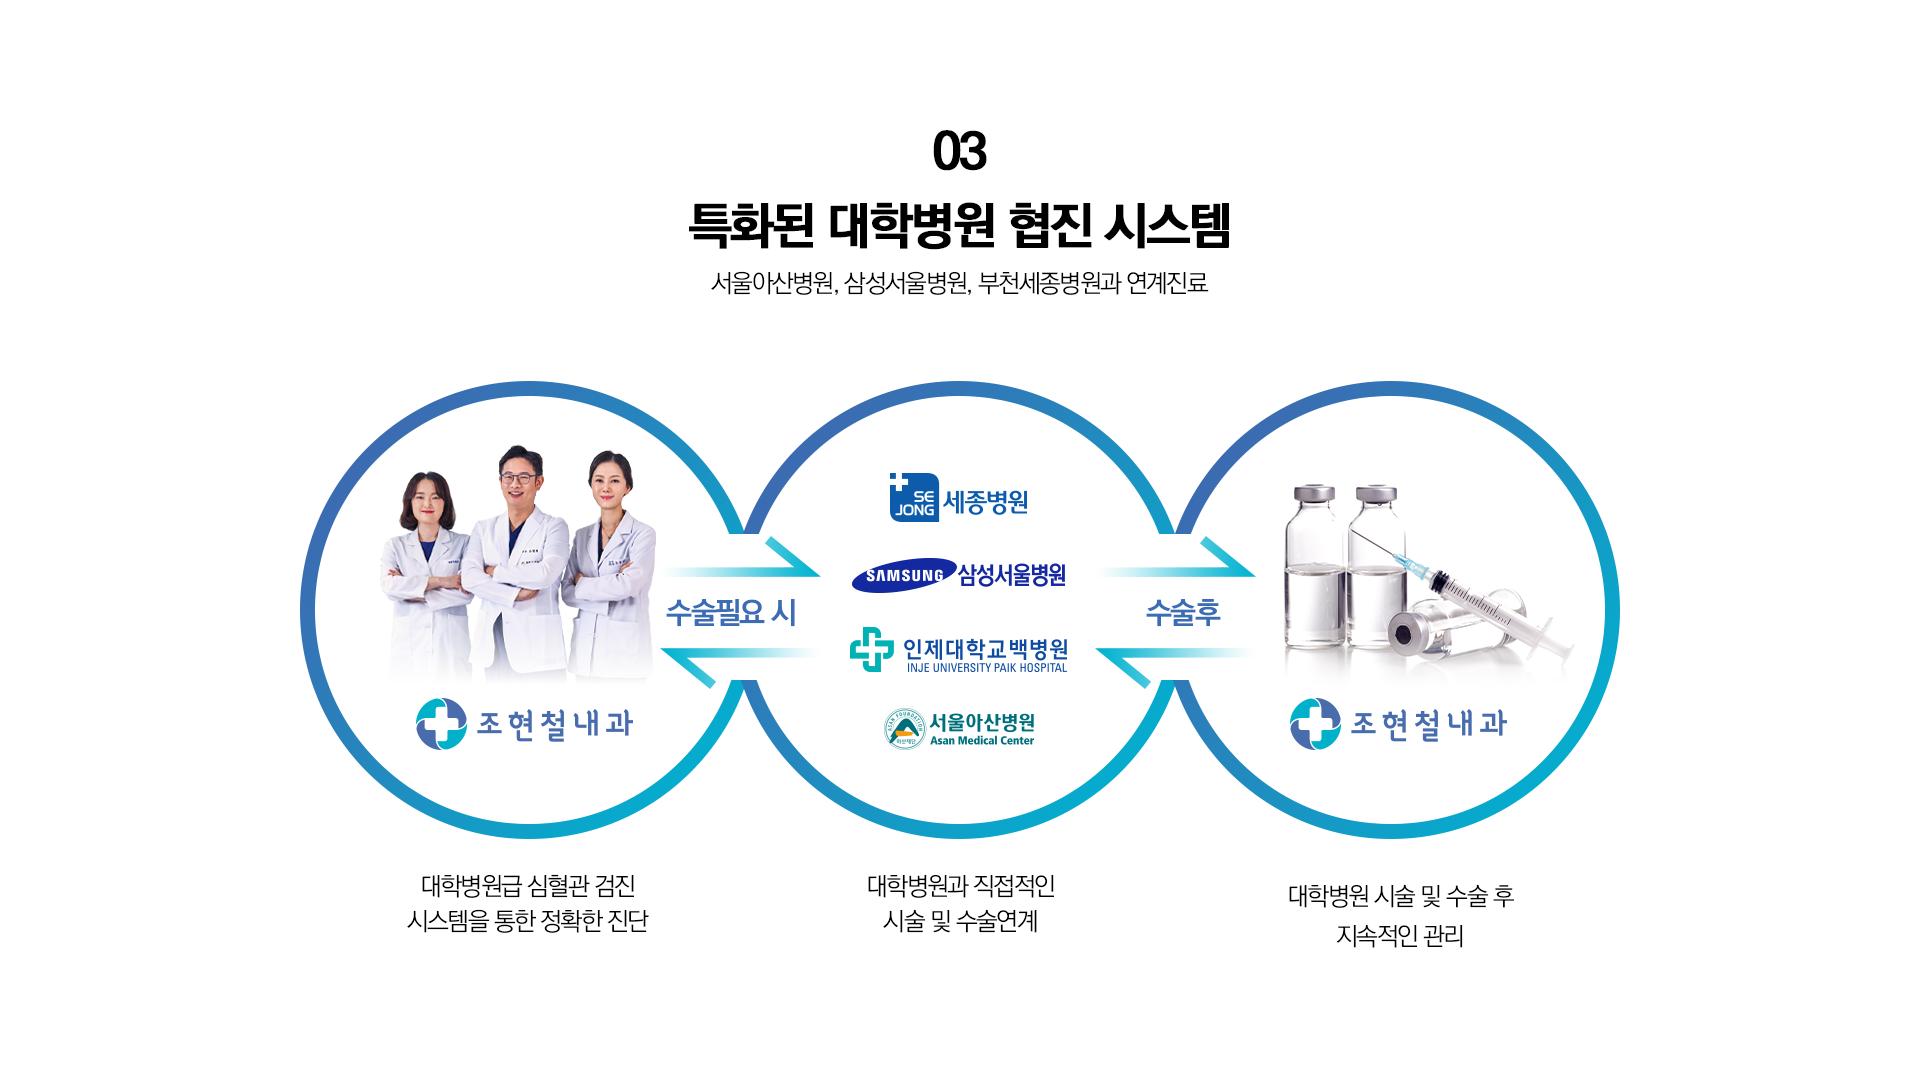 대학병원 협진 시스템